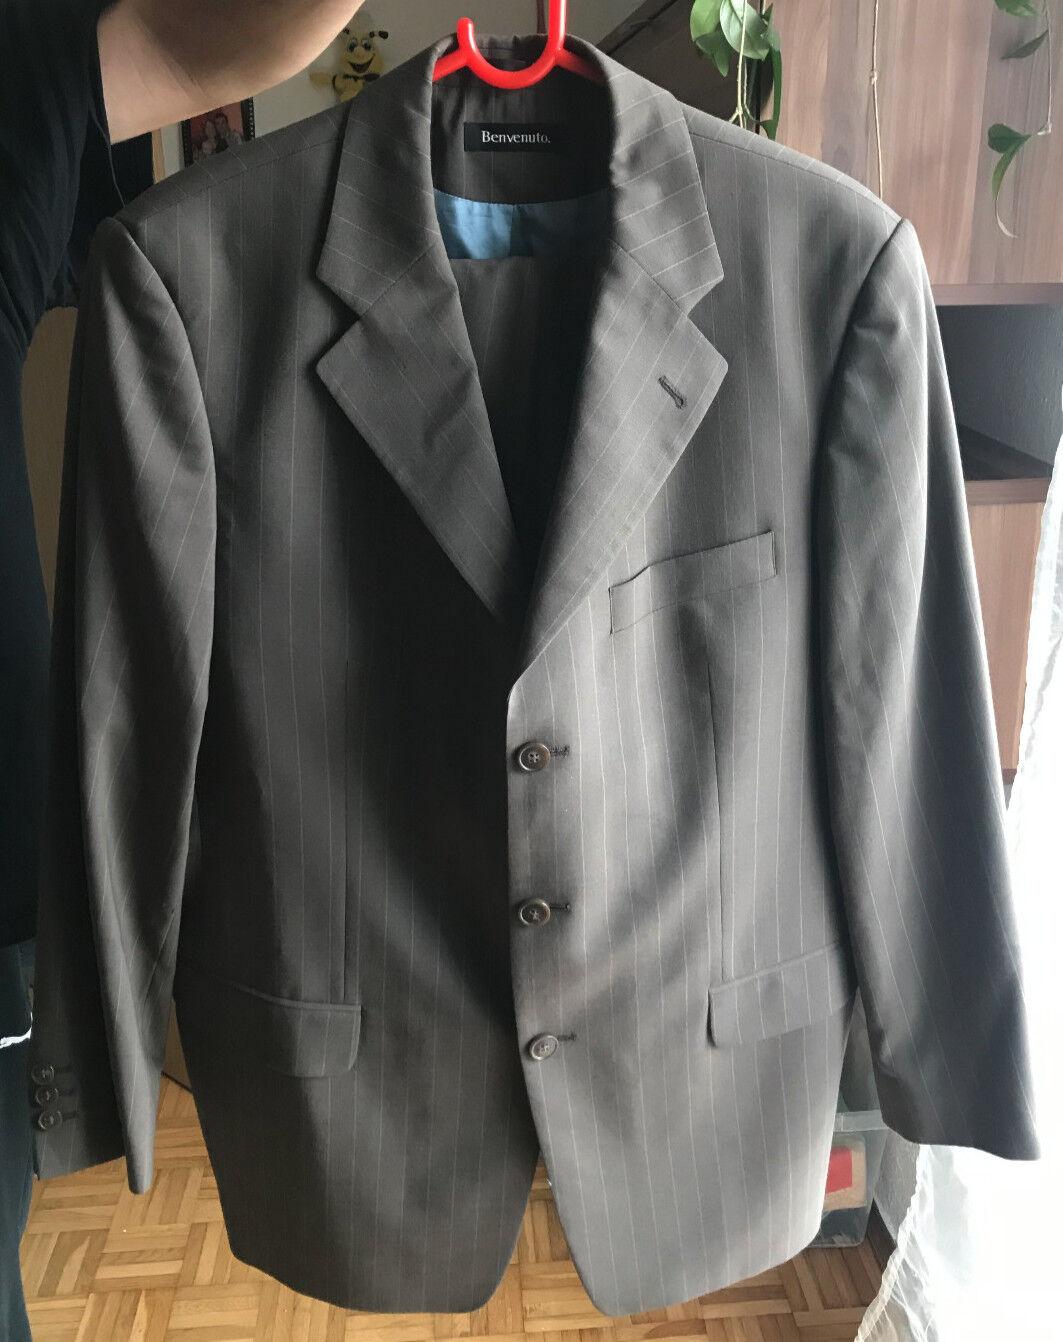 Herren Anzug, selten getragen, vom Herrenausstatter, Gr. 25, braun, Benvenuto